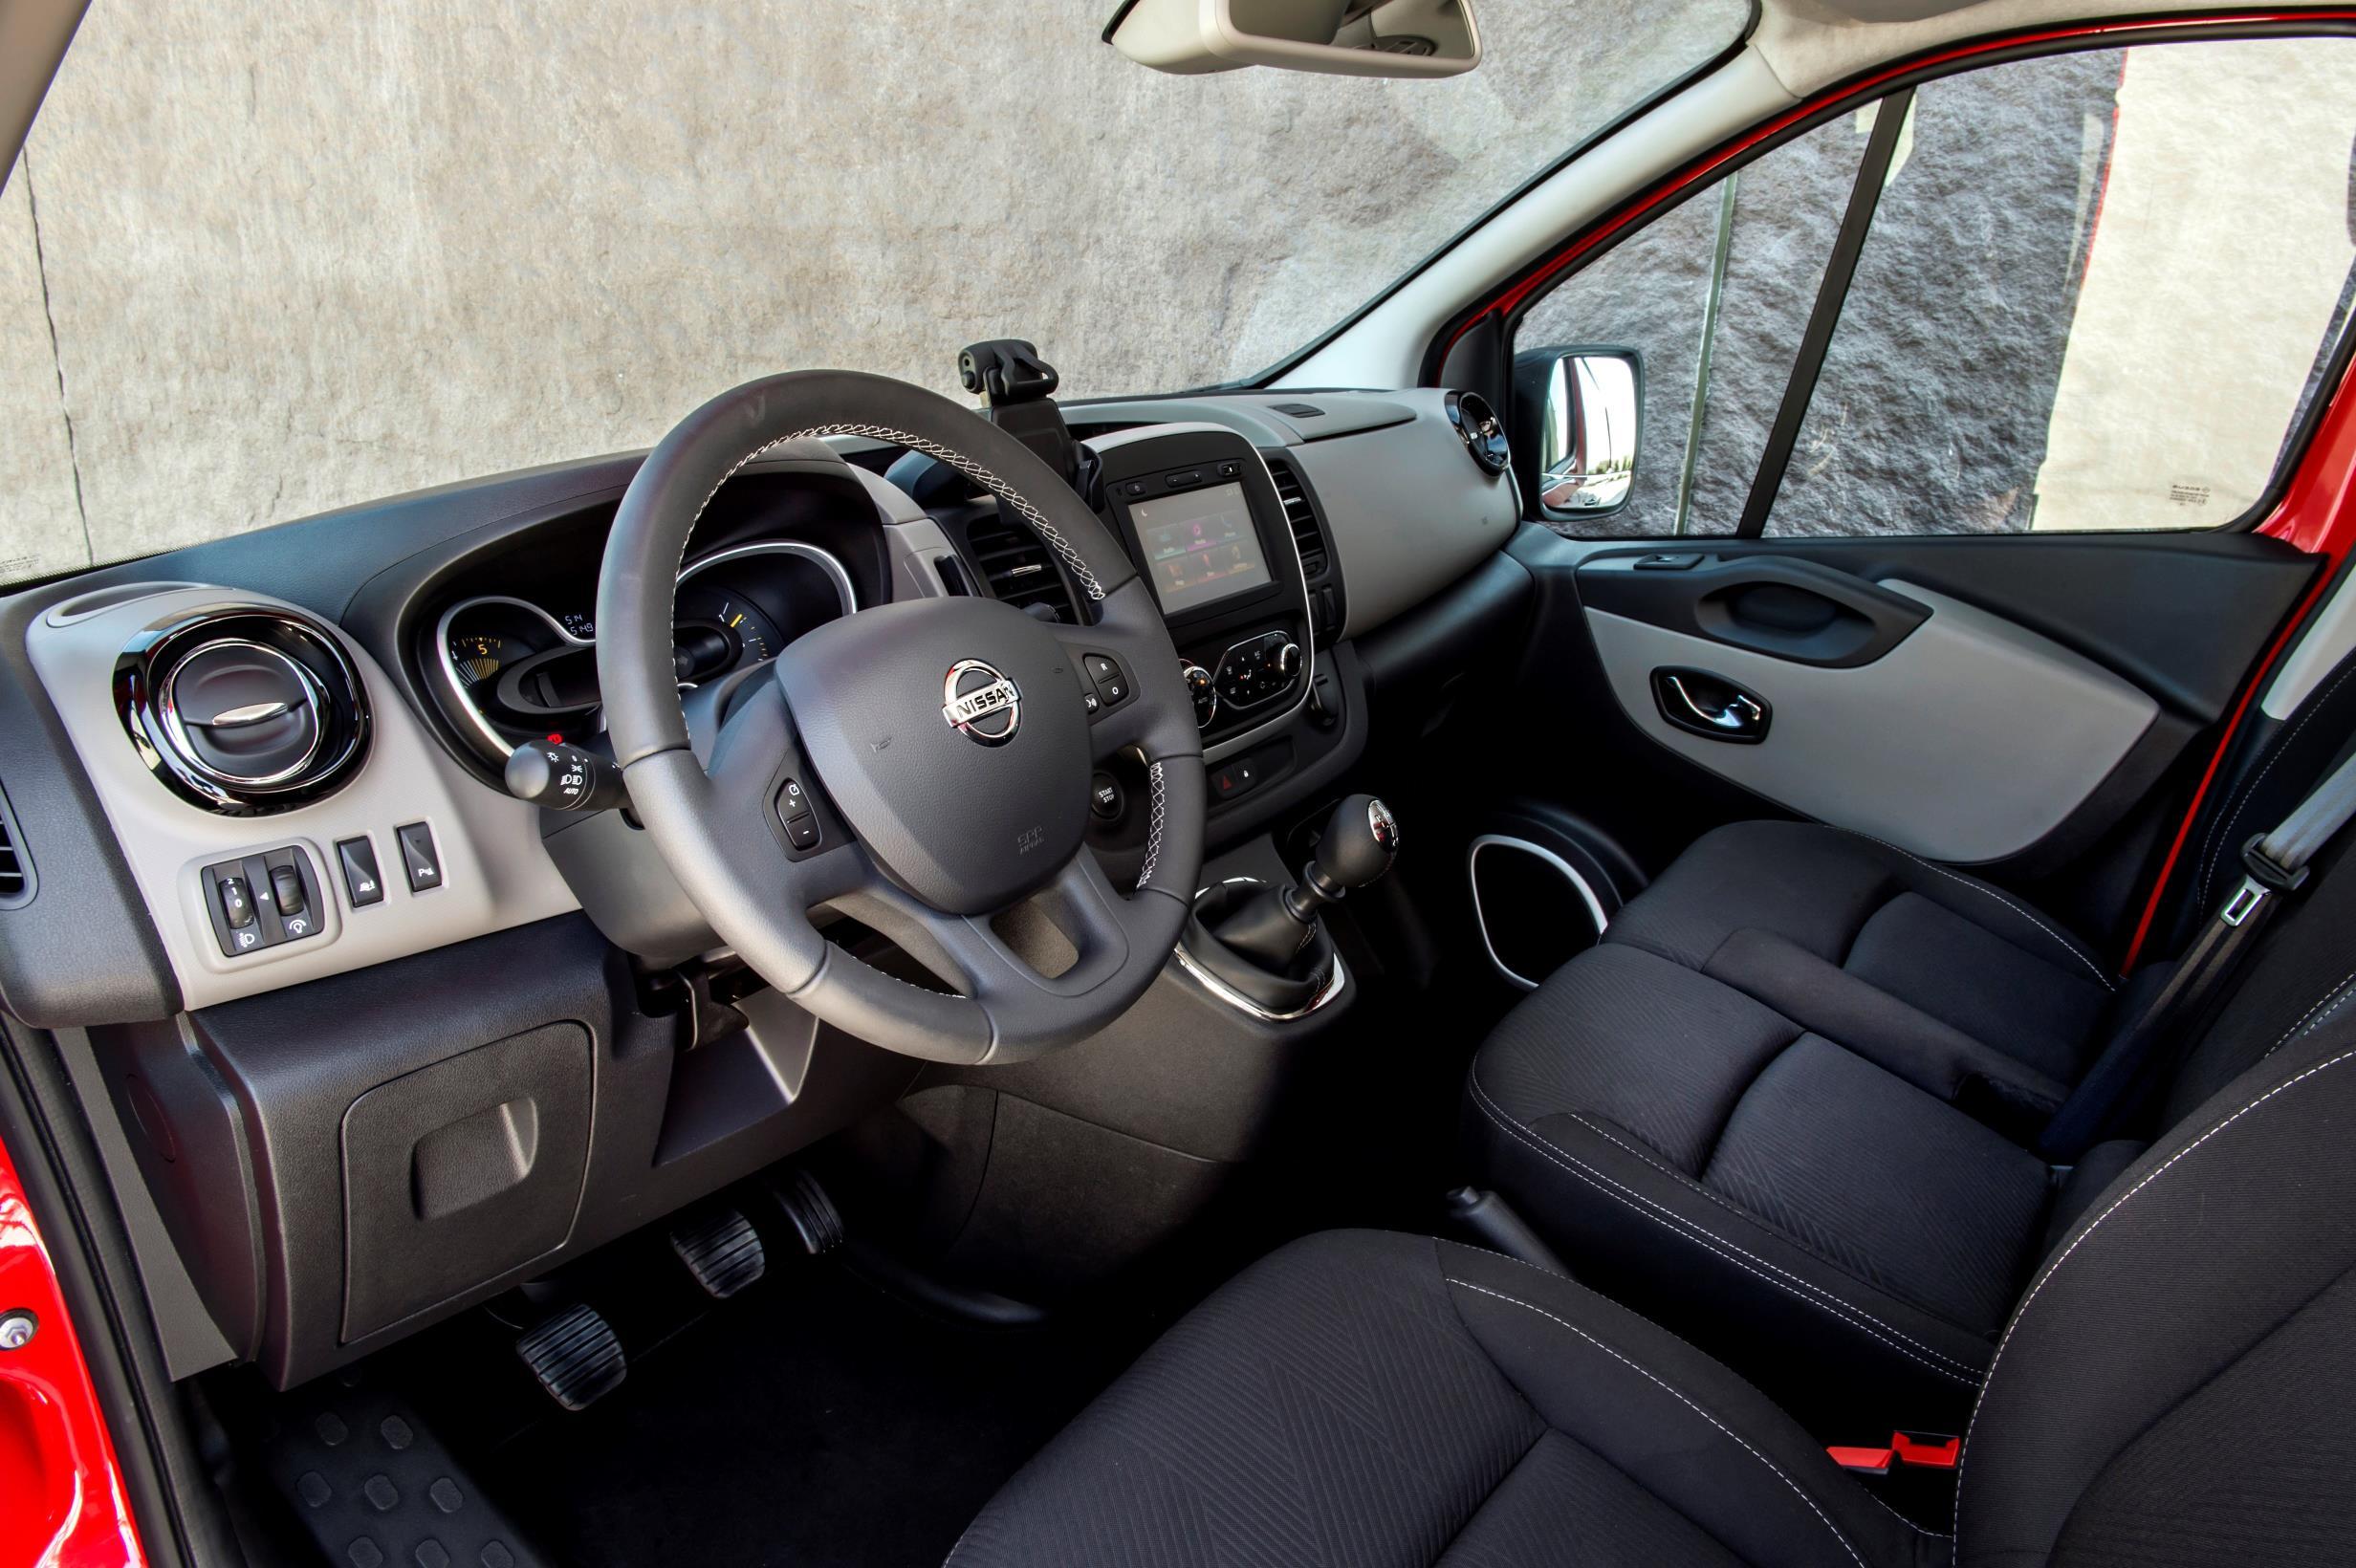 nv300 nissan van primastar combi replaces autoevolution commercialvehicle arrives dealerships introduces range